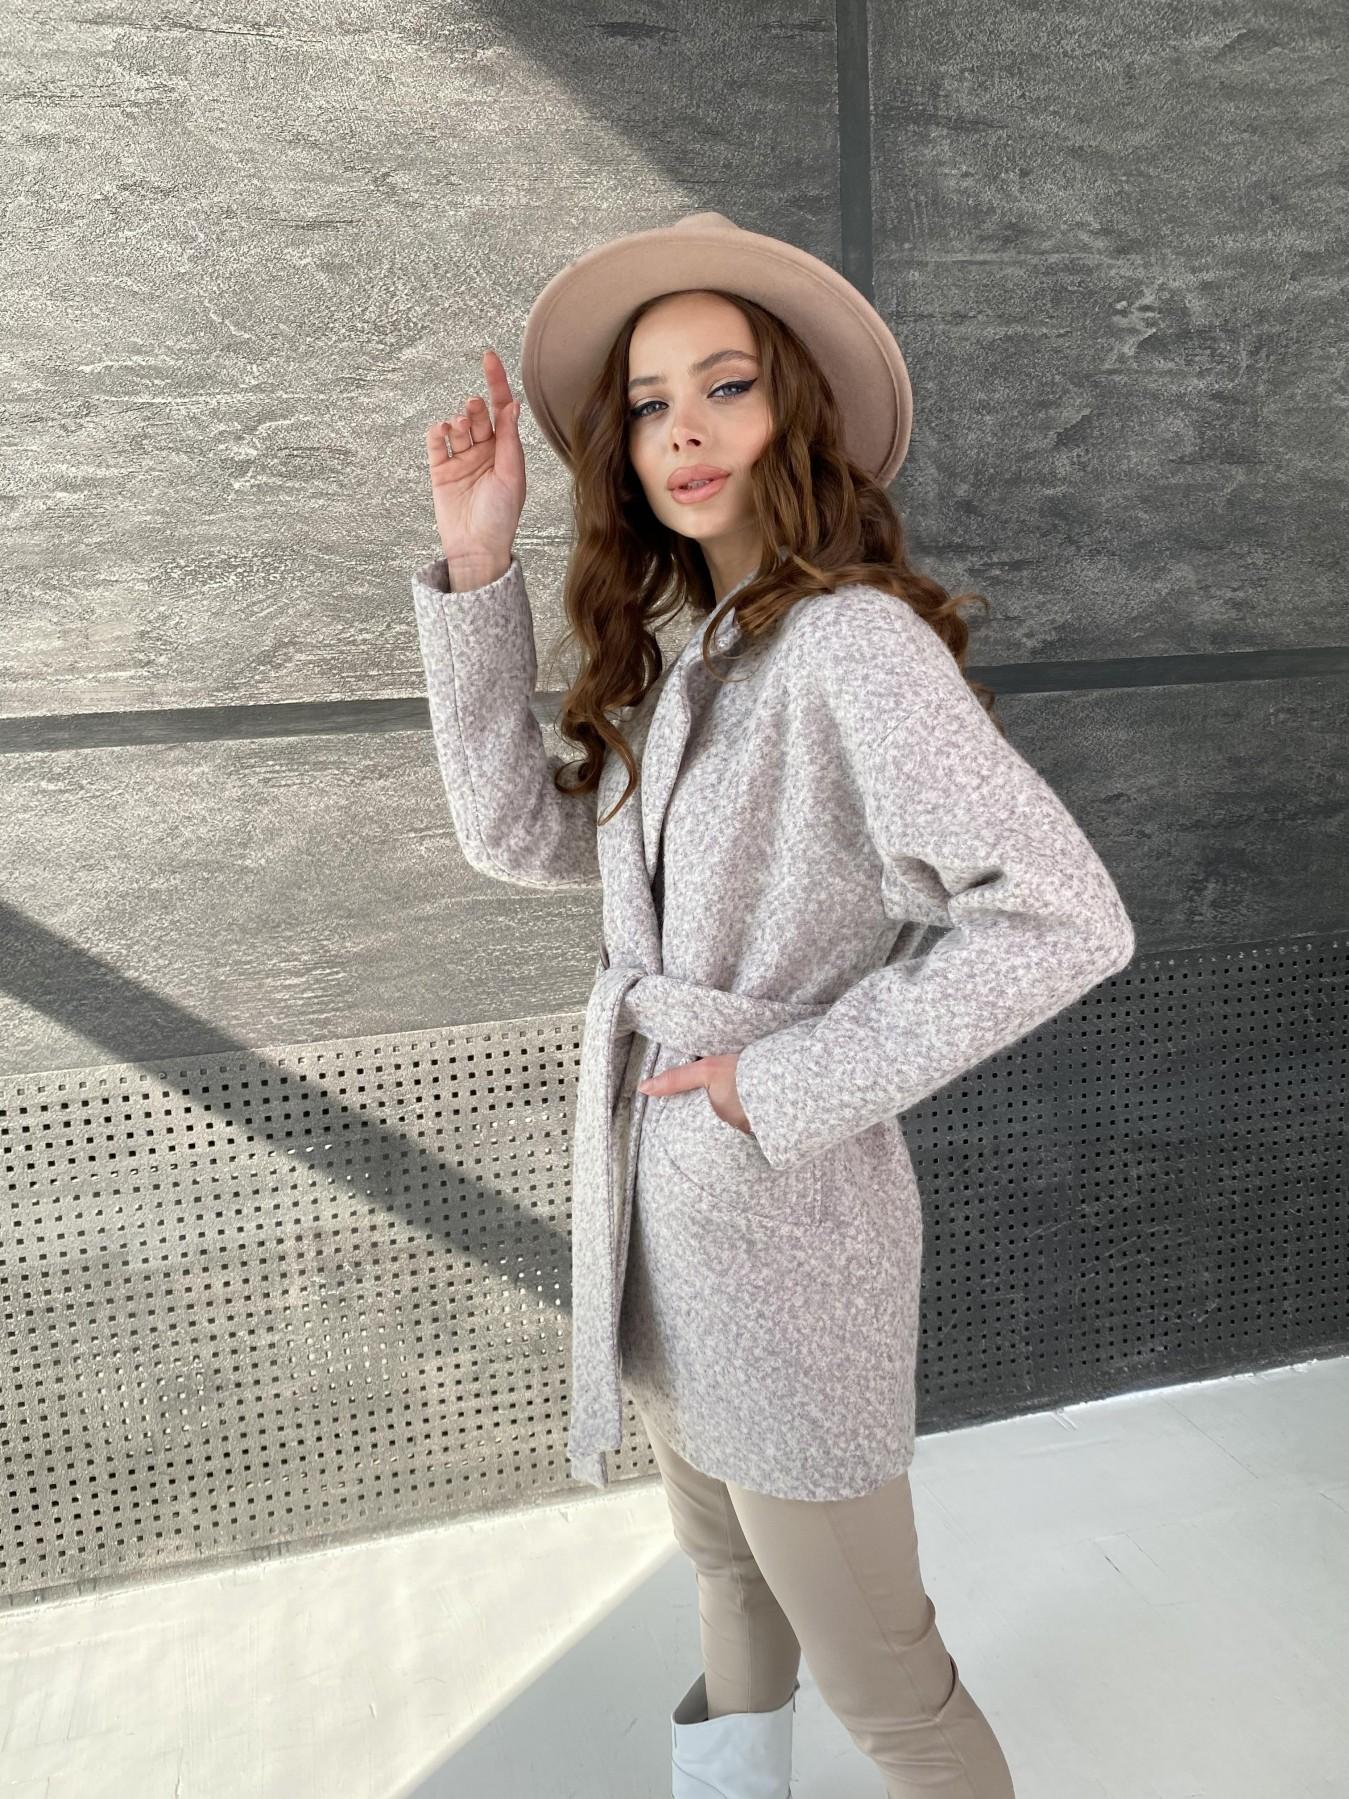 Бонд пальто из шерсти букле  10770 АРТ. 47196 Цвет: Серо-бежевый - фото 5, интернет магазин tm-modus.ru